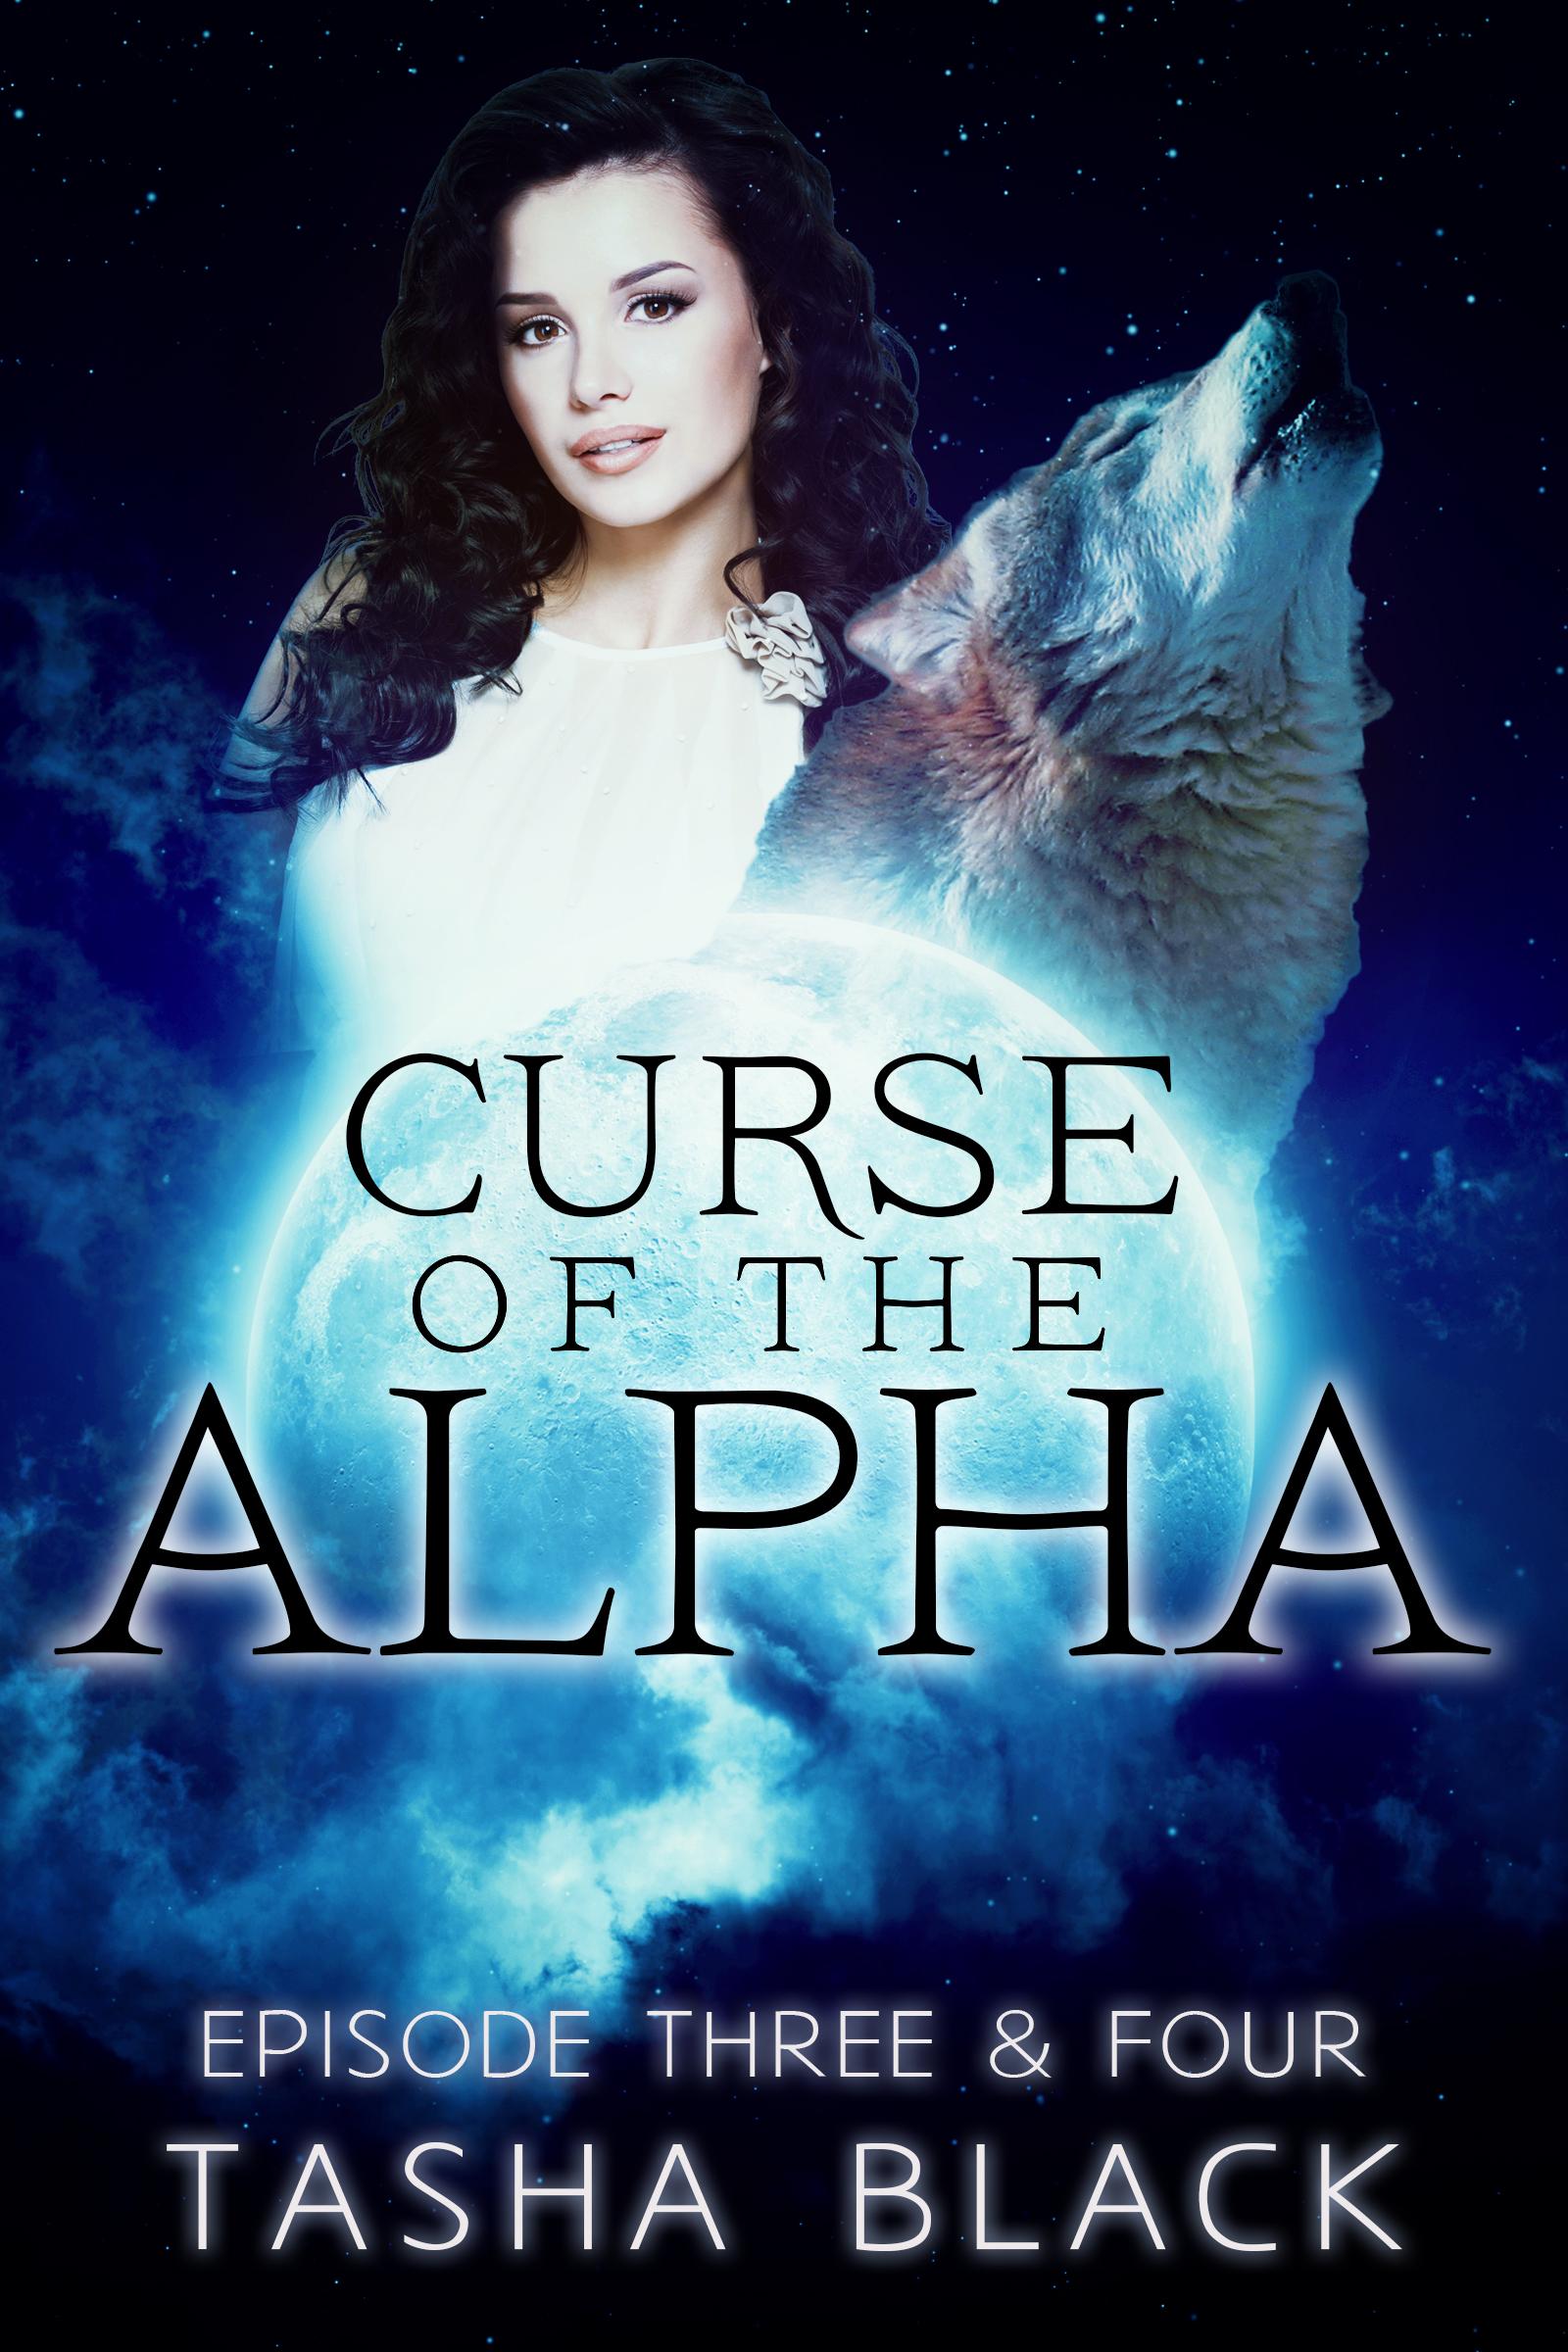 Curse of the alpha: episodes 3 & 4